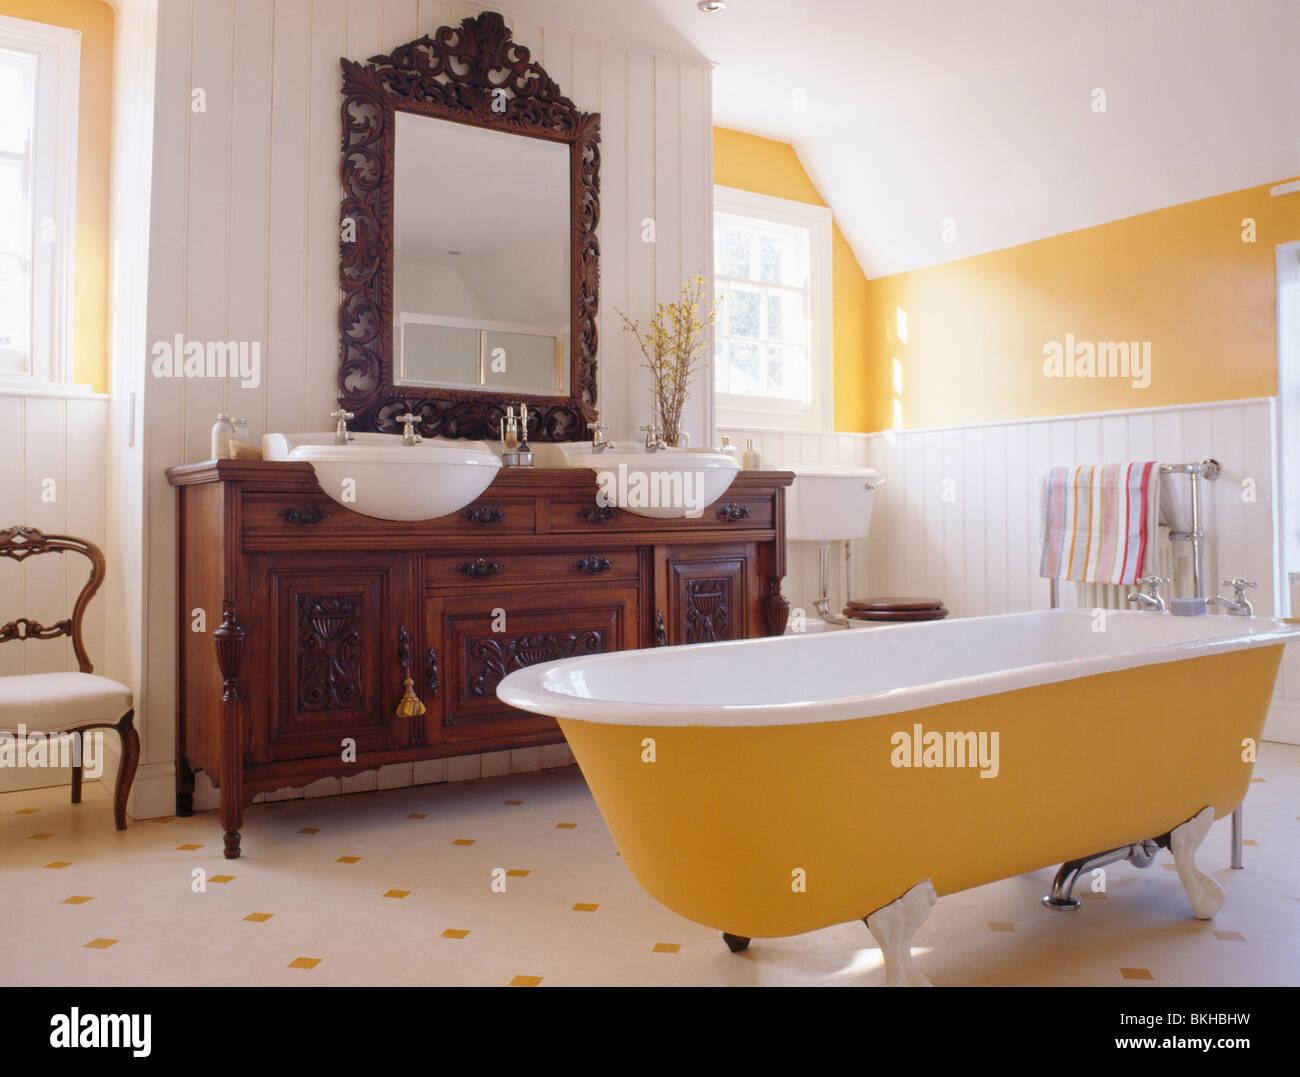 Gelbe Roll Top Bad In Gelben Und Weissen Badezimmer Mit